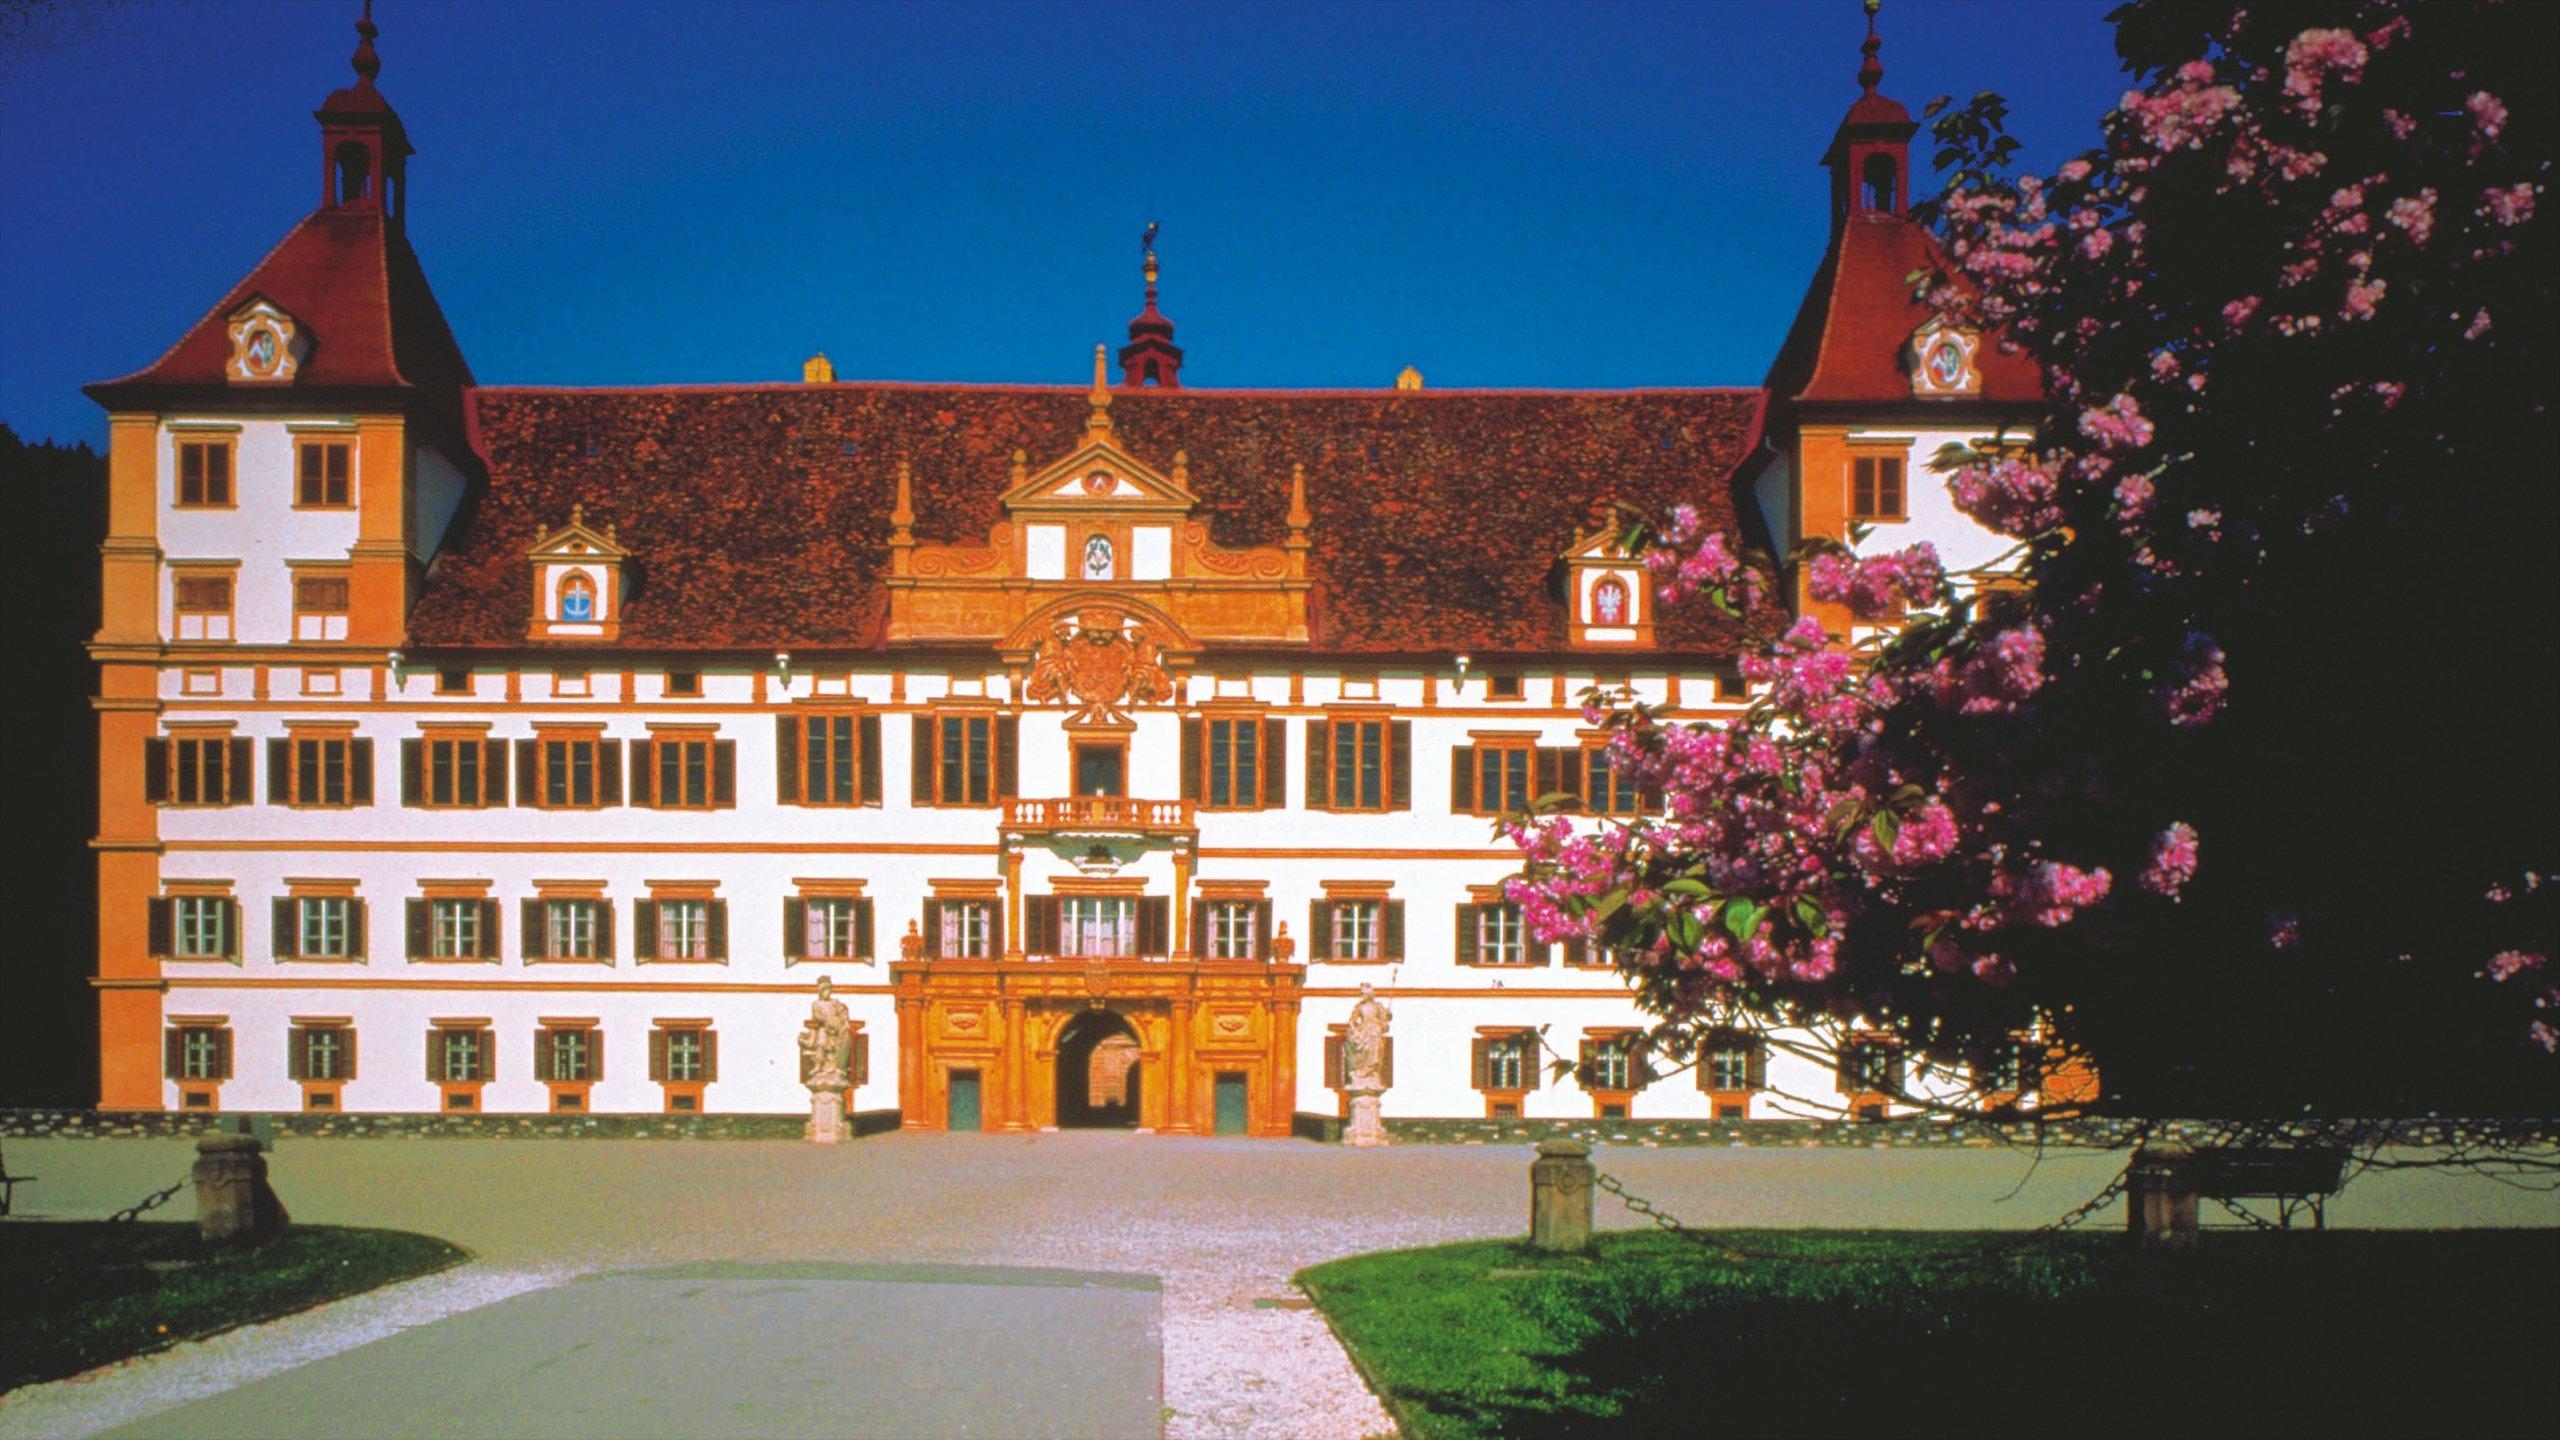 Graz-Gösting, Styria, Austria